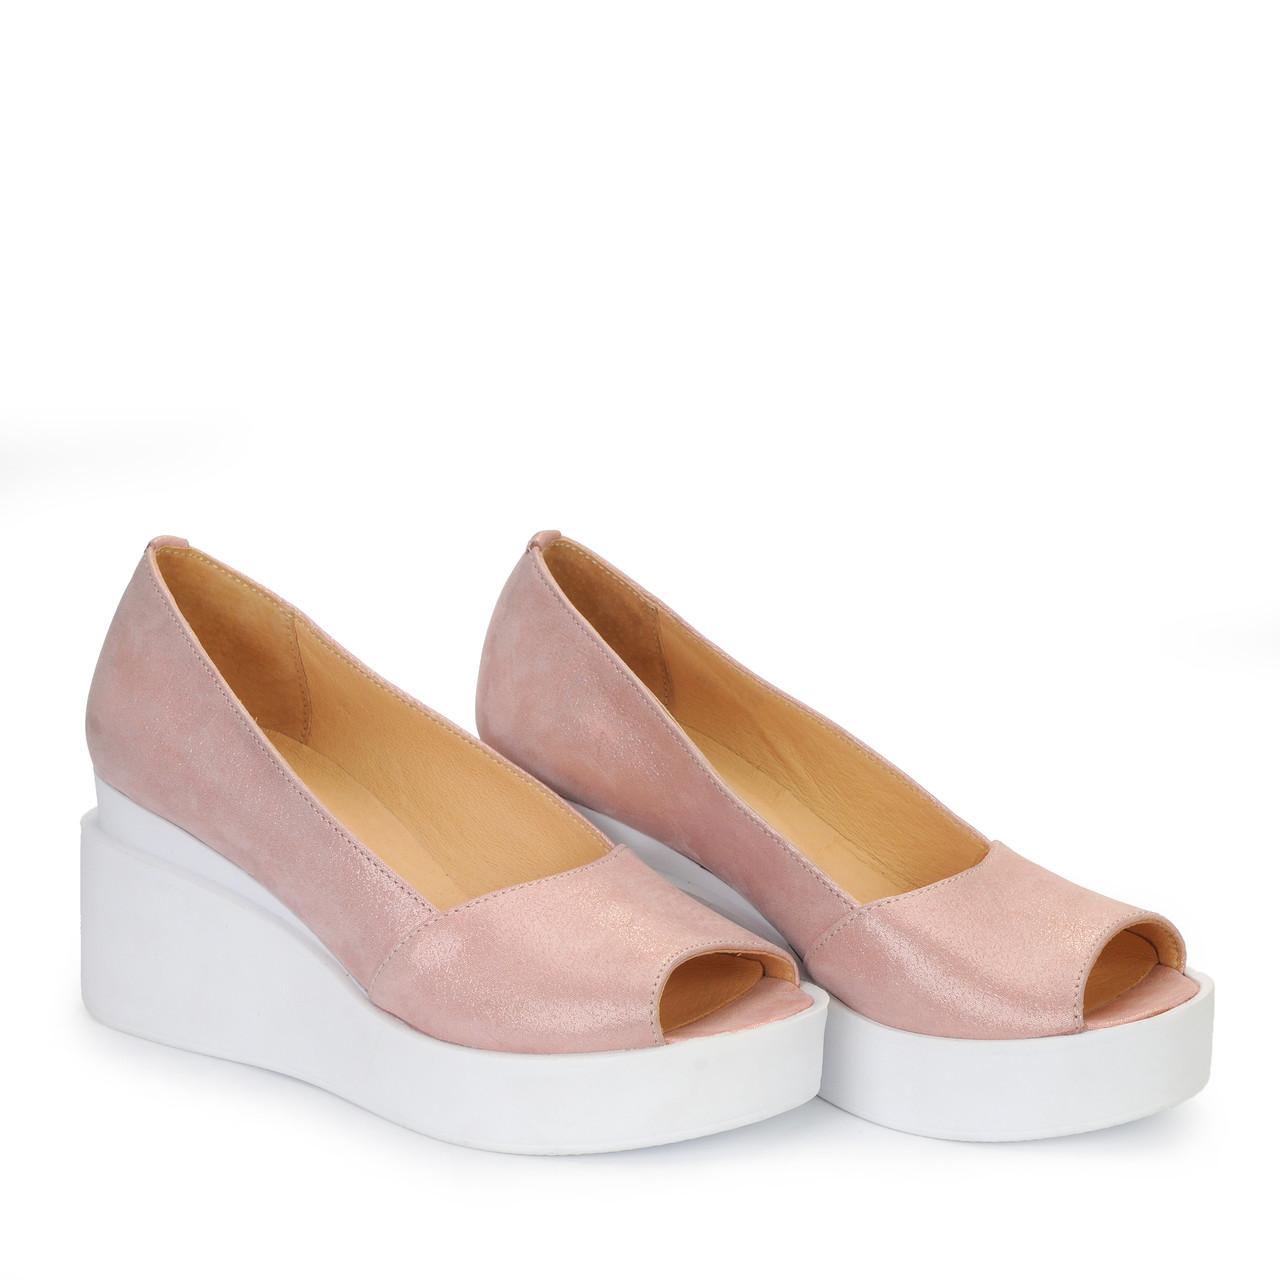 Жіночі шкіряні туфлі, балетки босоніжки на танкетці TIFFANY